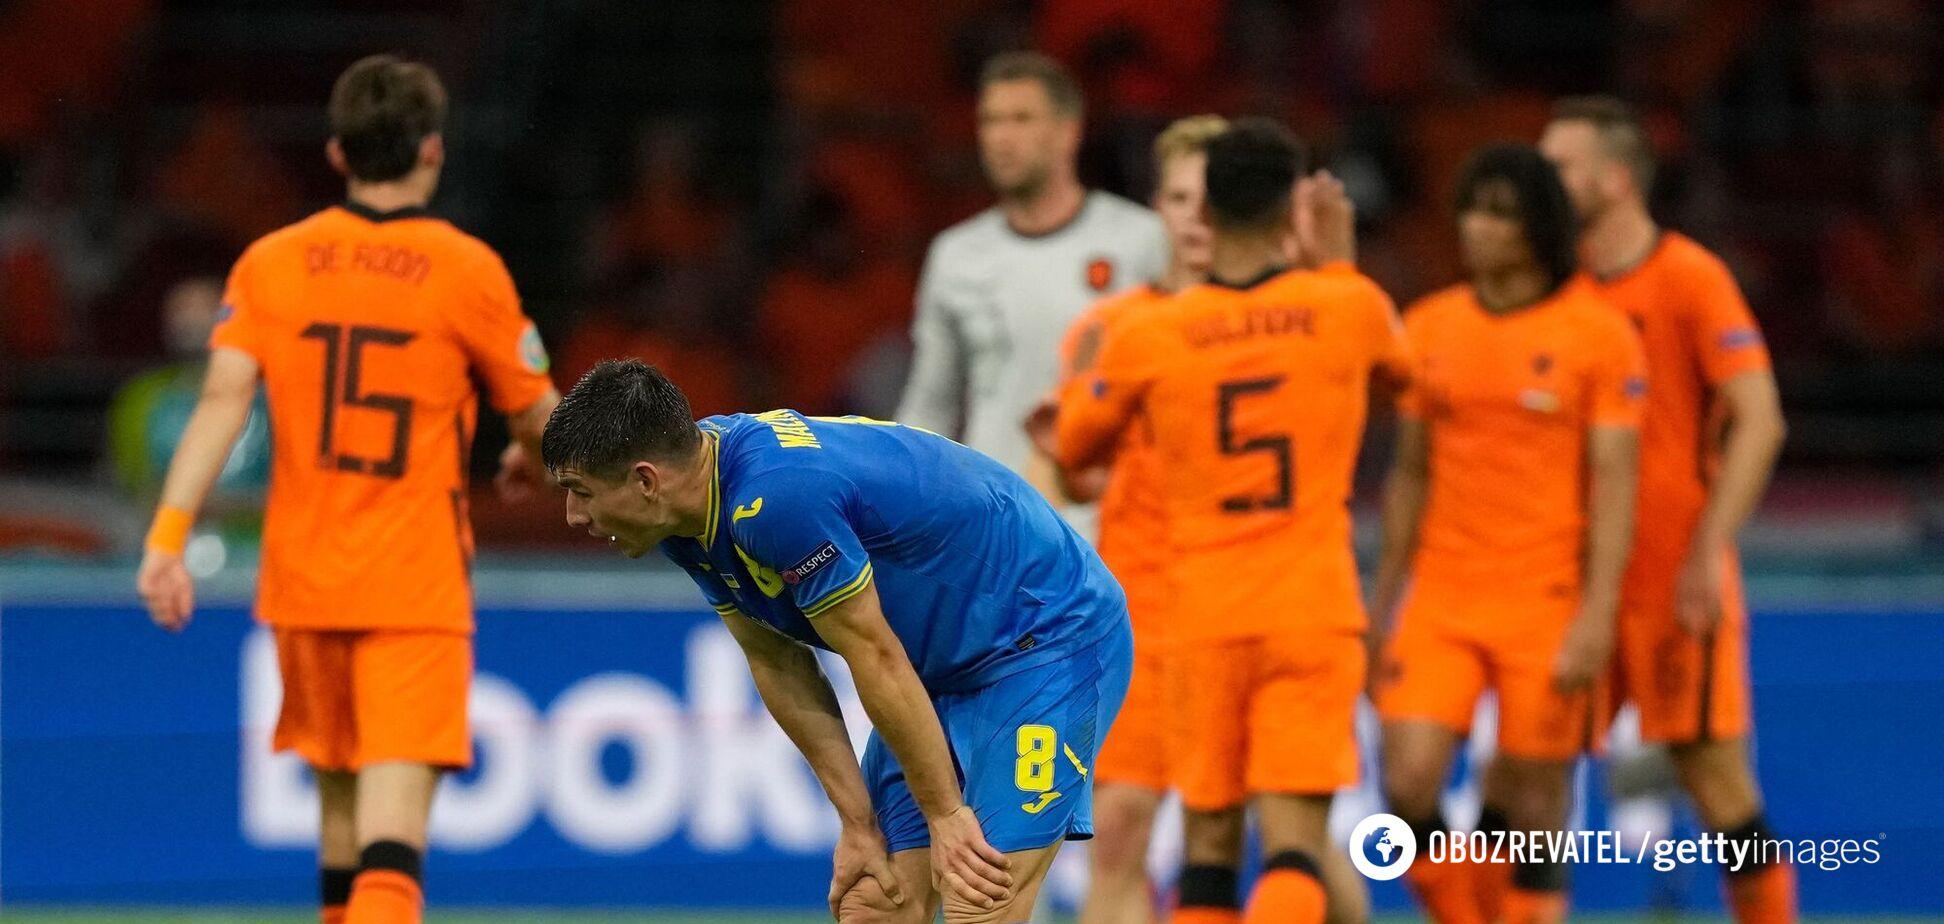 Руслан Малиновский, а на его фоне игроки сборной Нидерландов